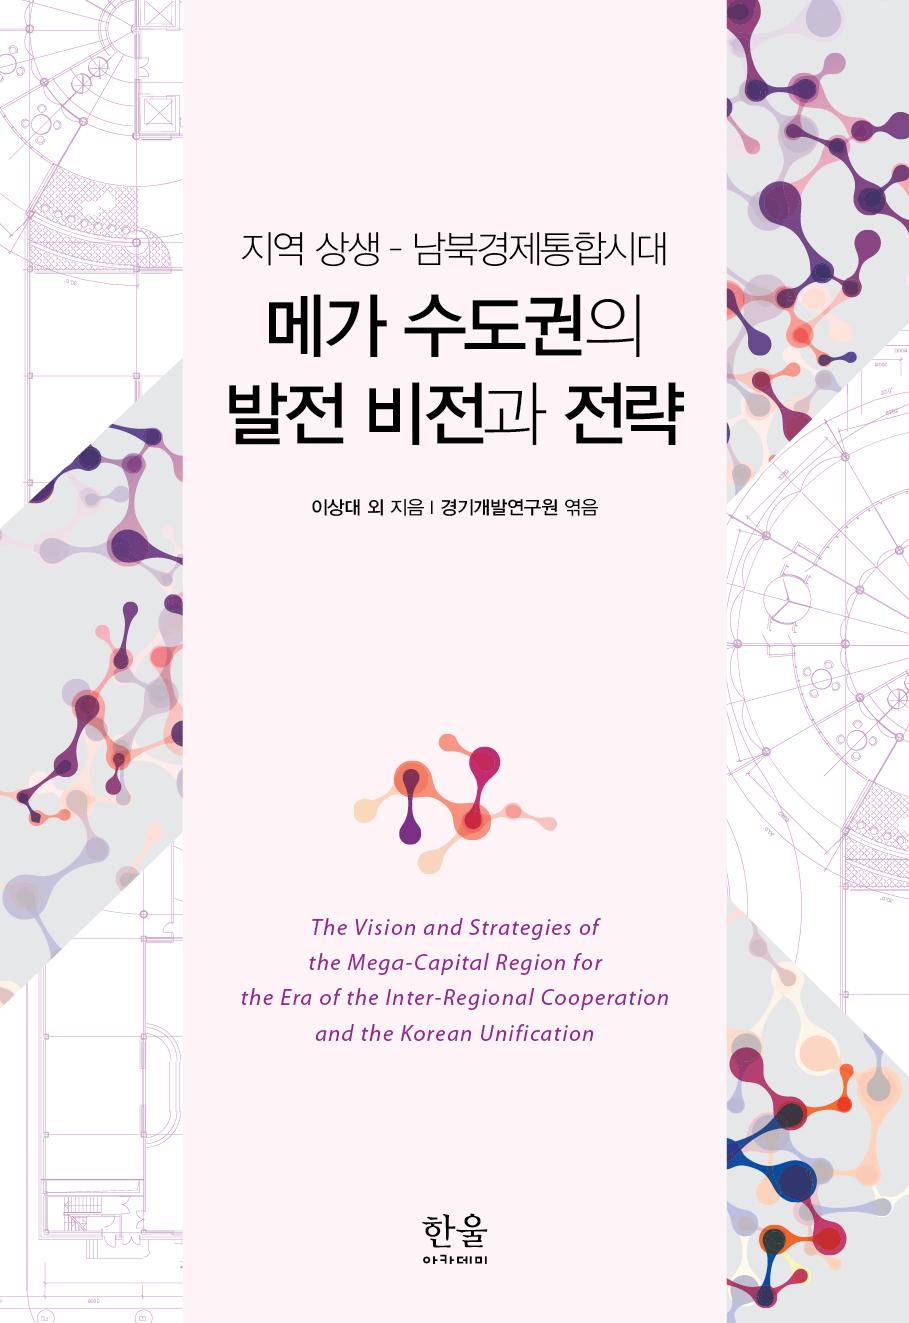 메가 수도권의 발전 비전과 전략 : 지역 상생-남북경제통합시대